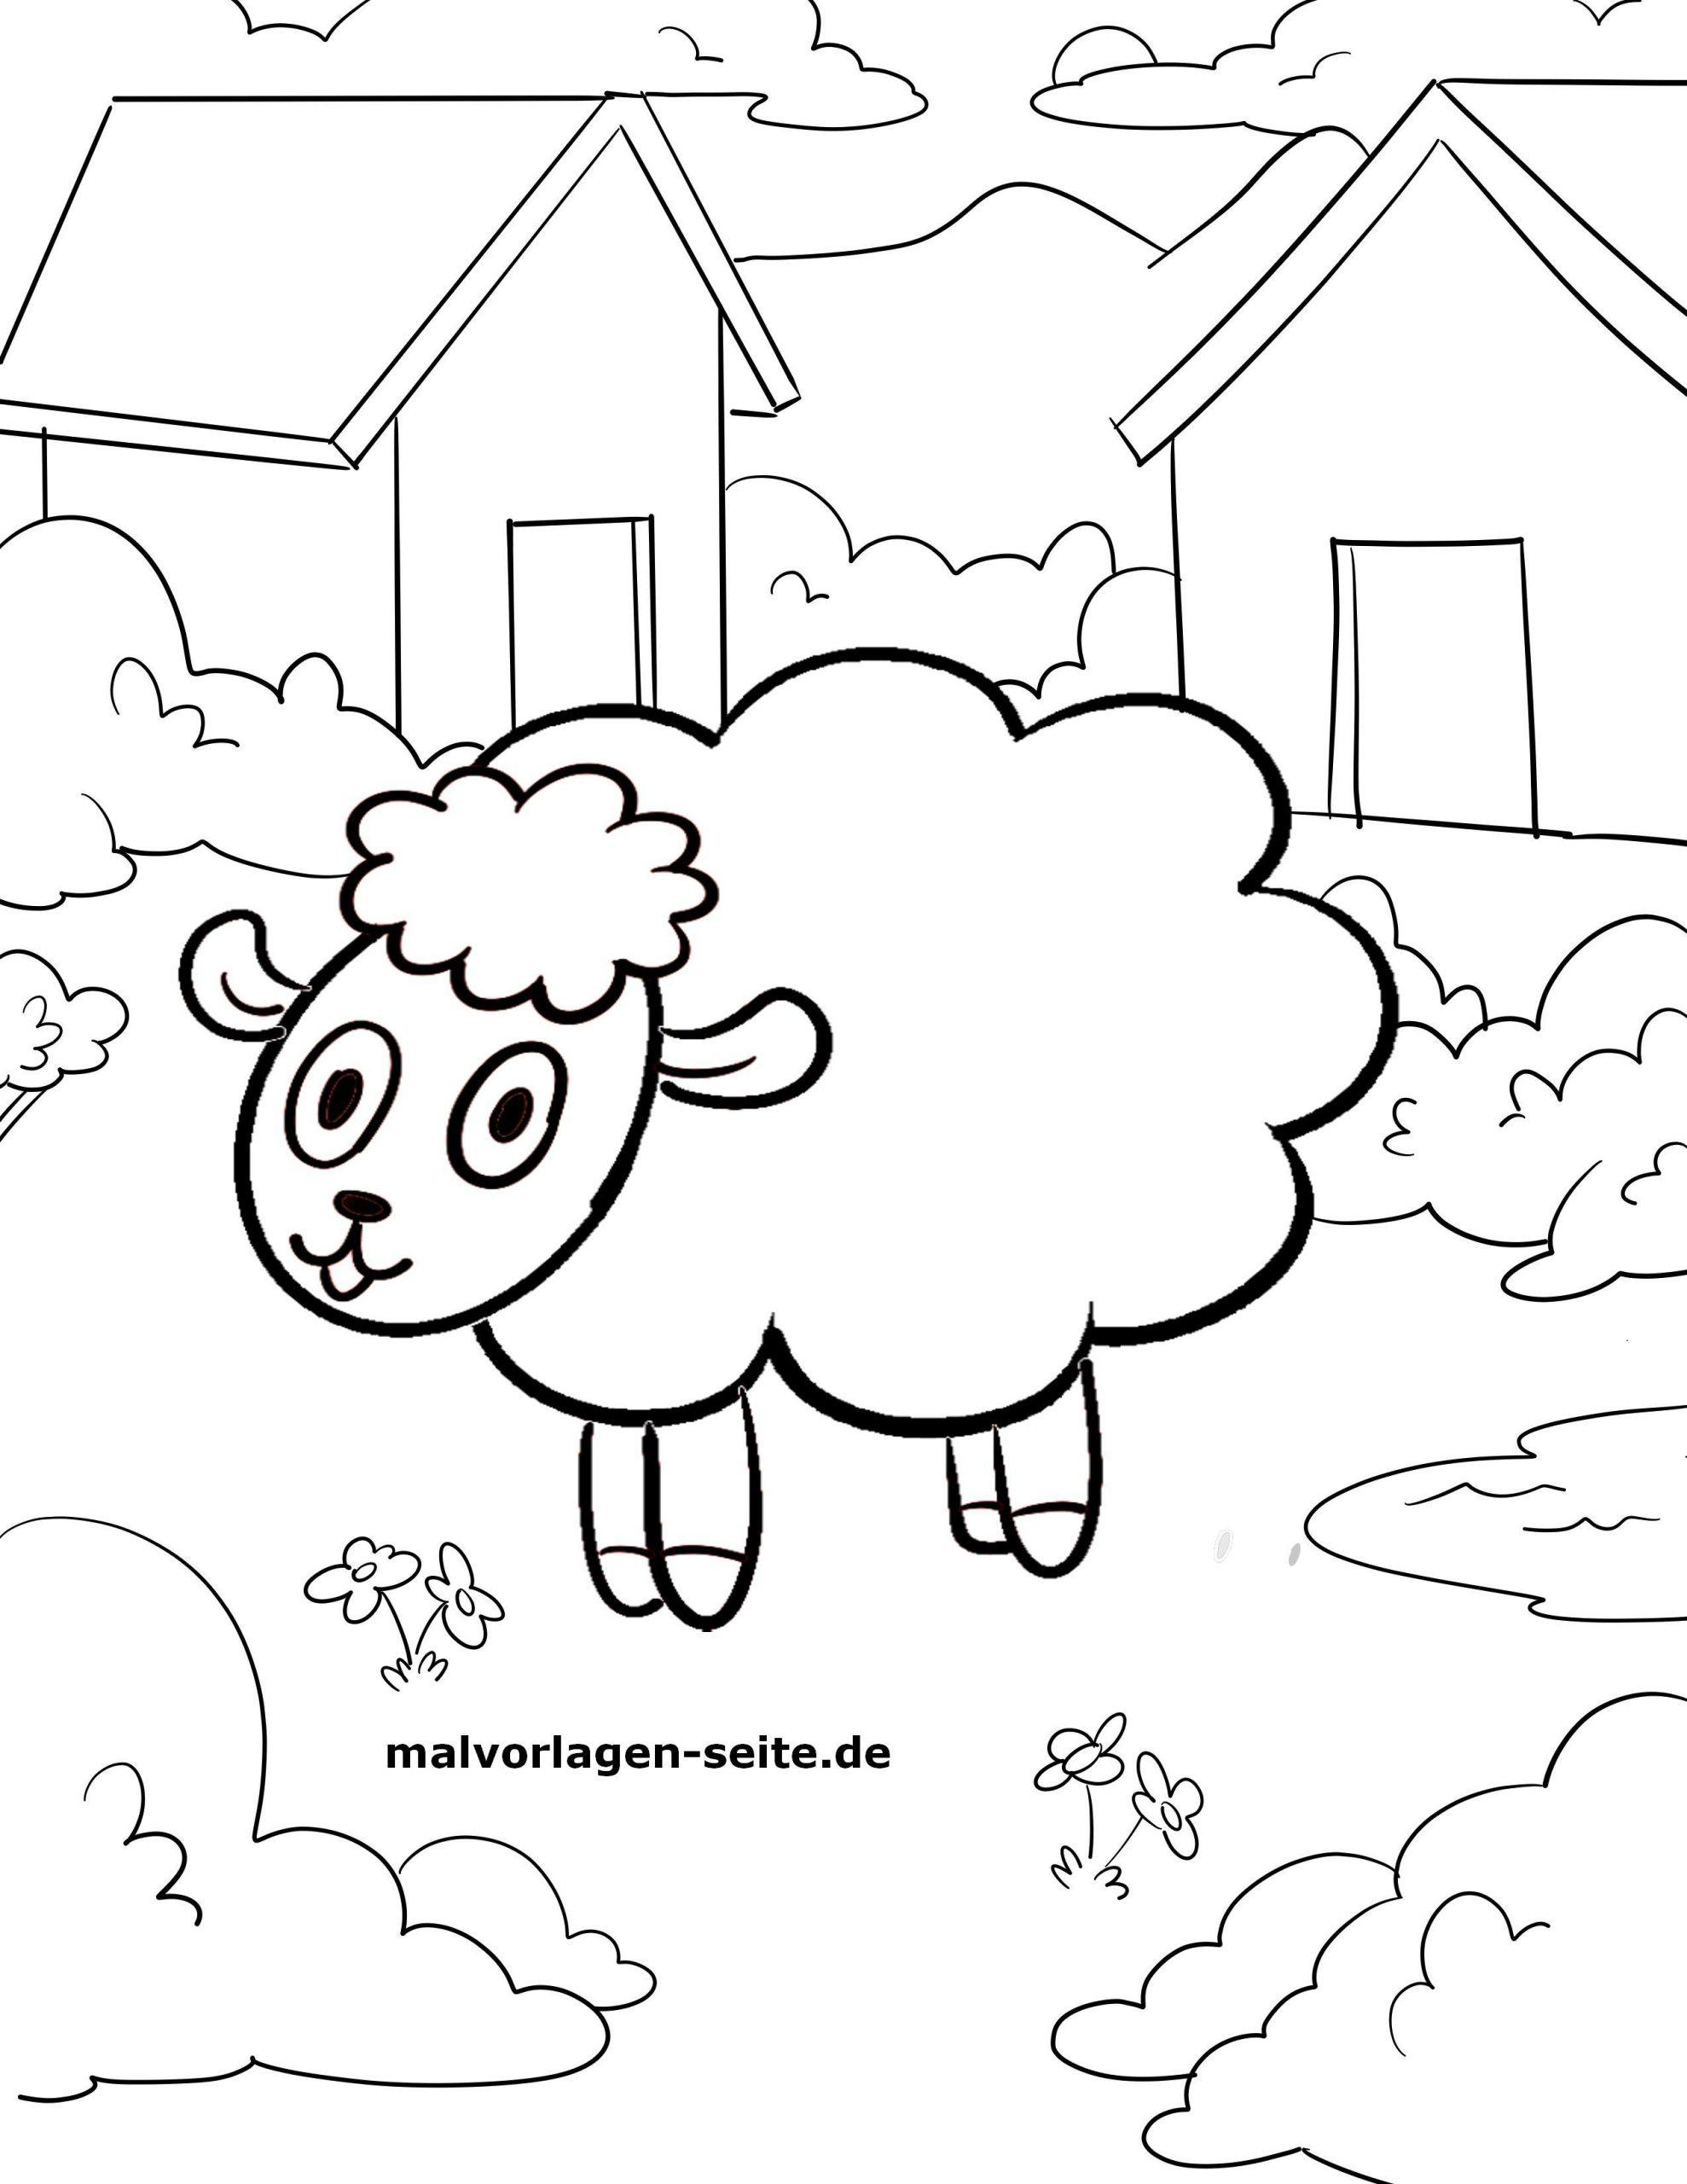 Malvorlage Schaf - kinderbilderdownload kinderbilder